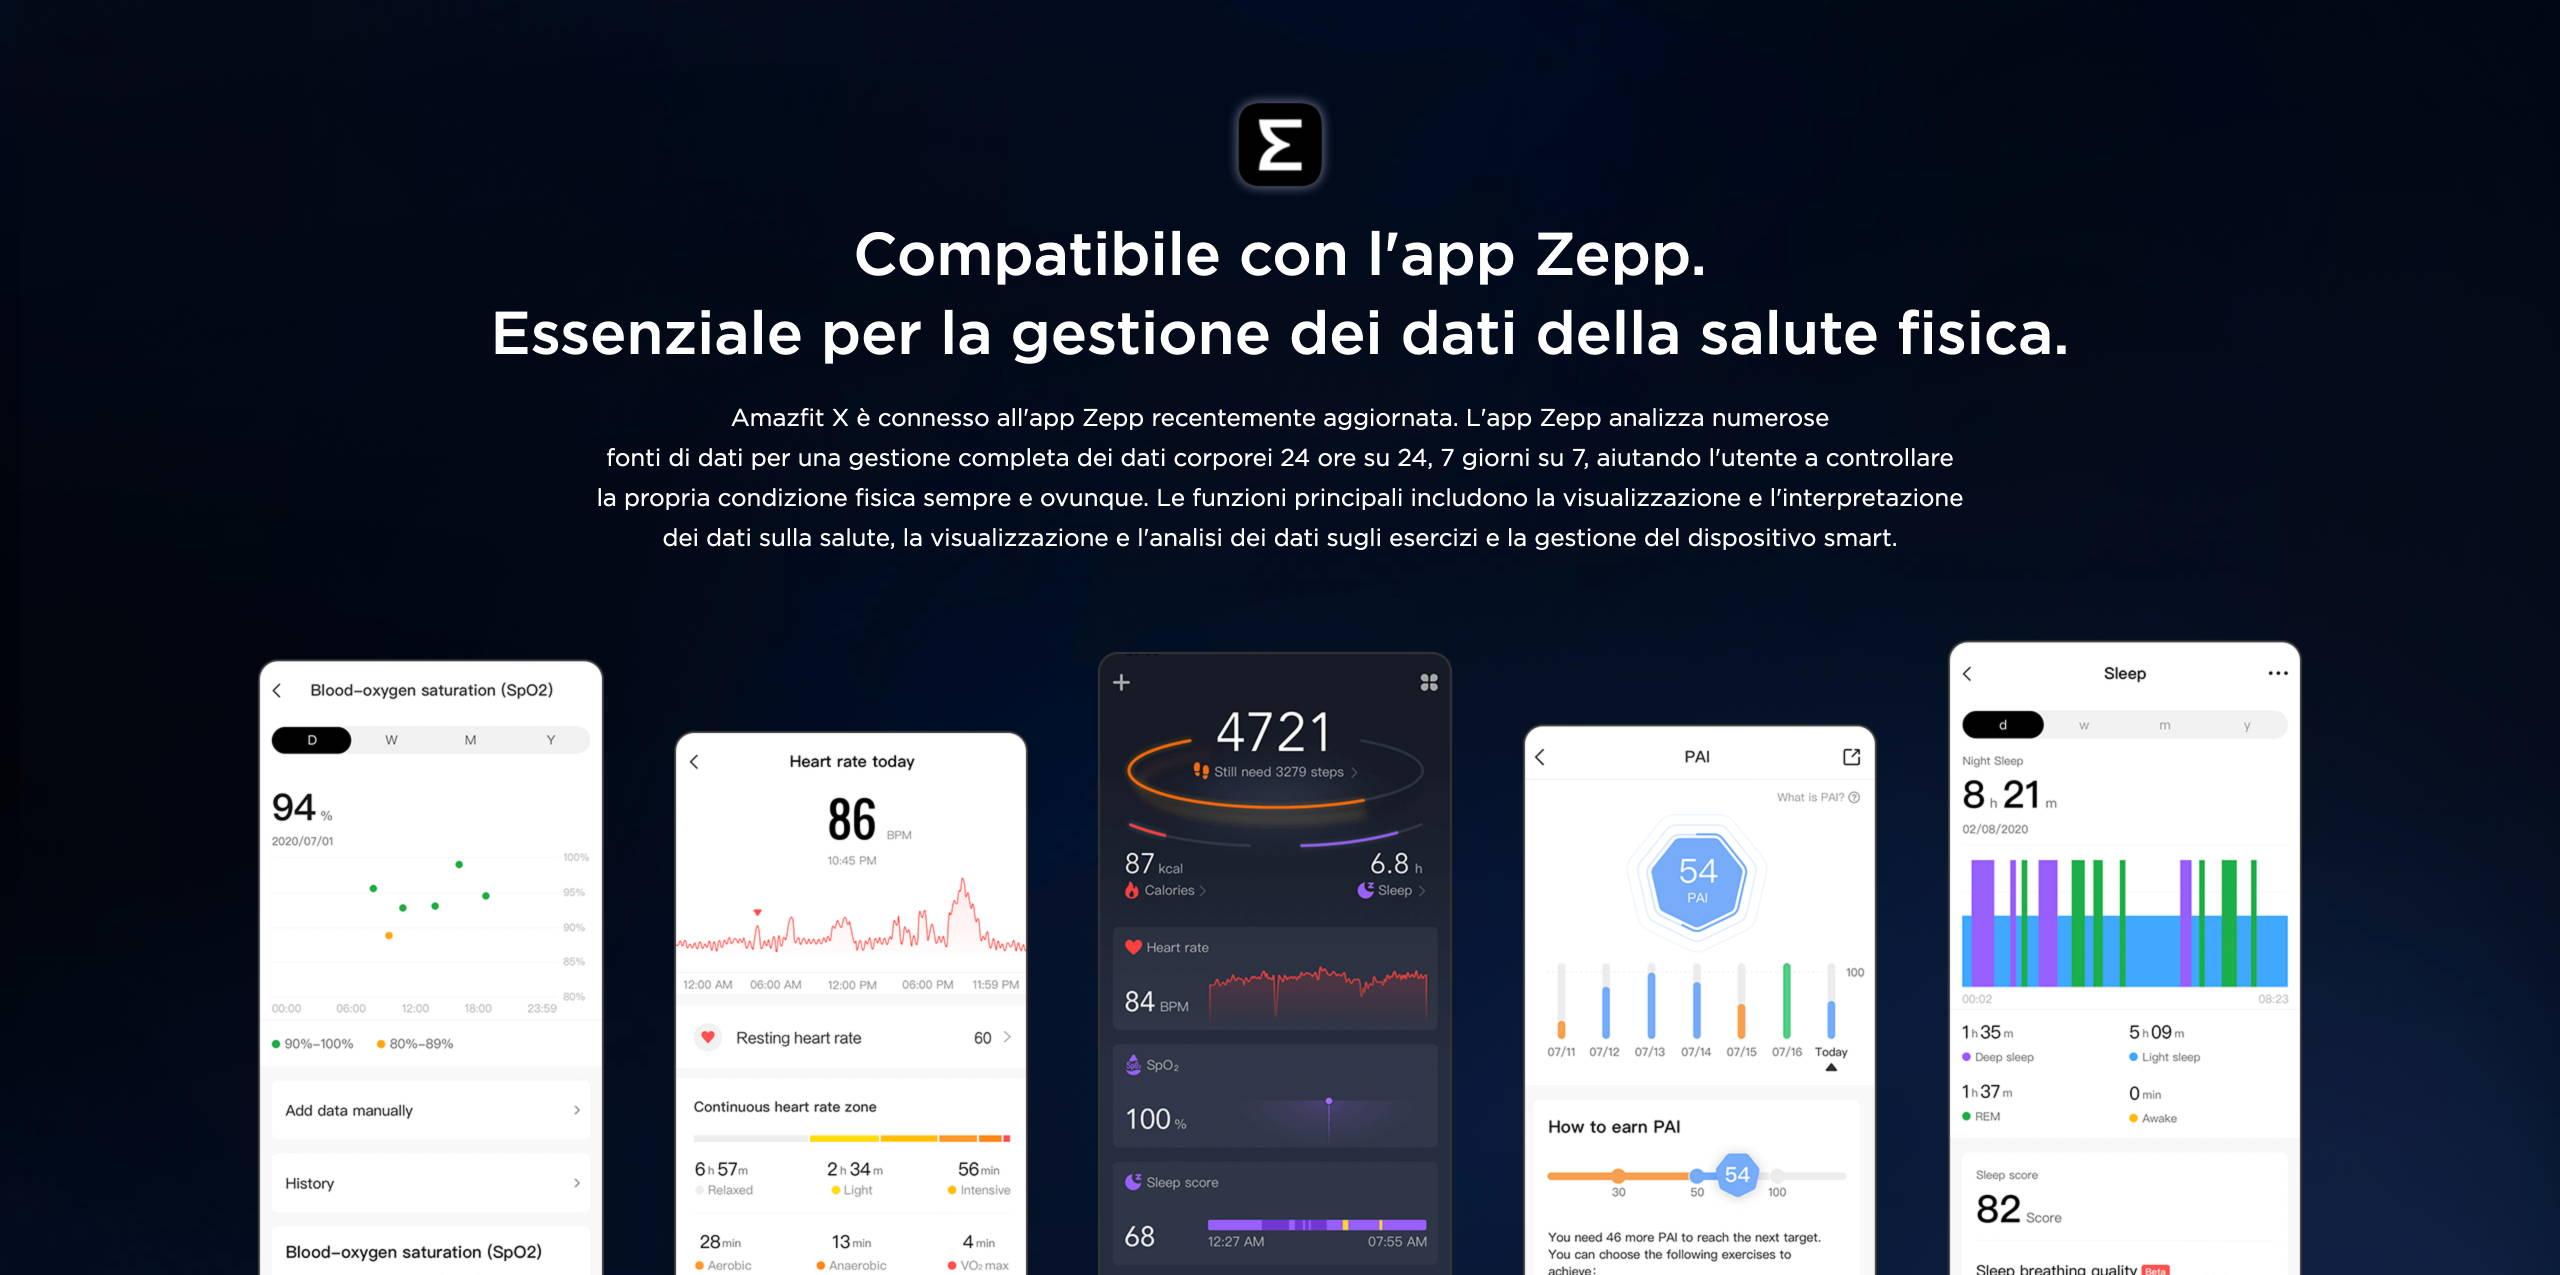 Amazfit X - Compatibile con l'app Zepp. Essenziale per la gestione dei dati della salute fisica.